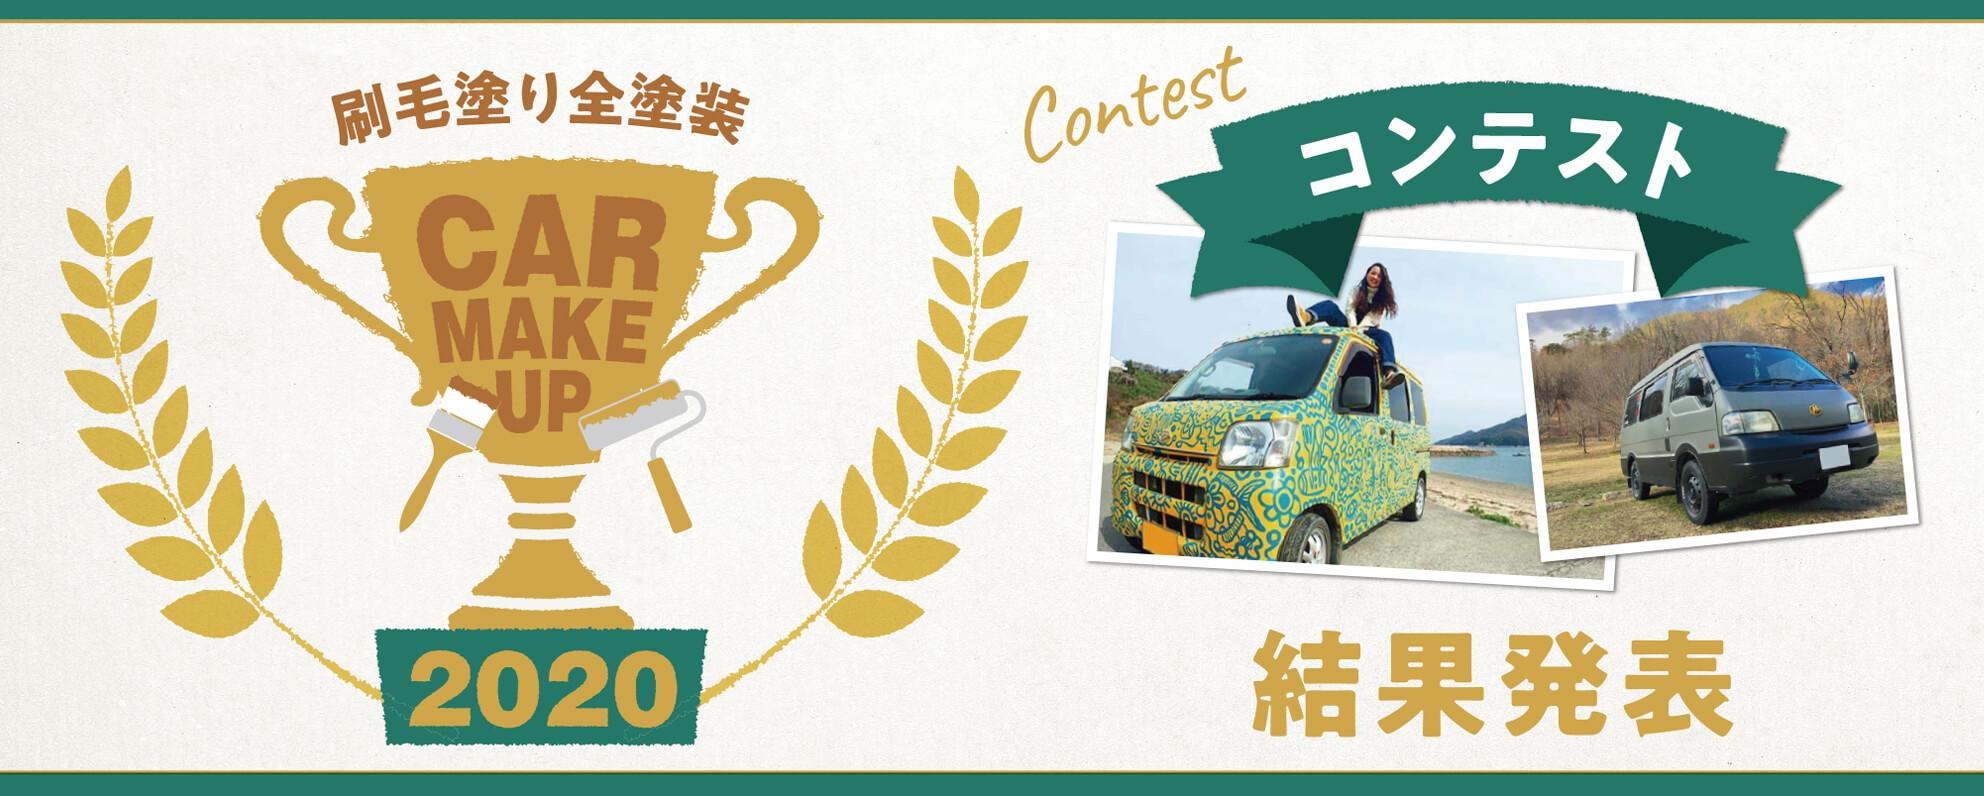 2019カーメイクアップコンテスト2020